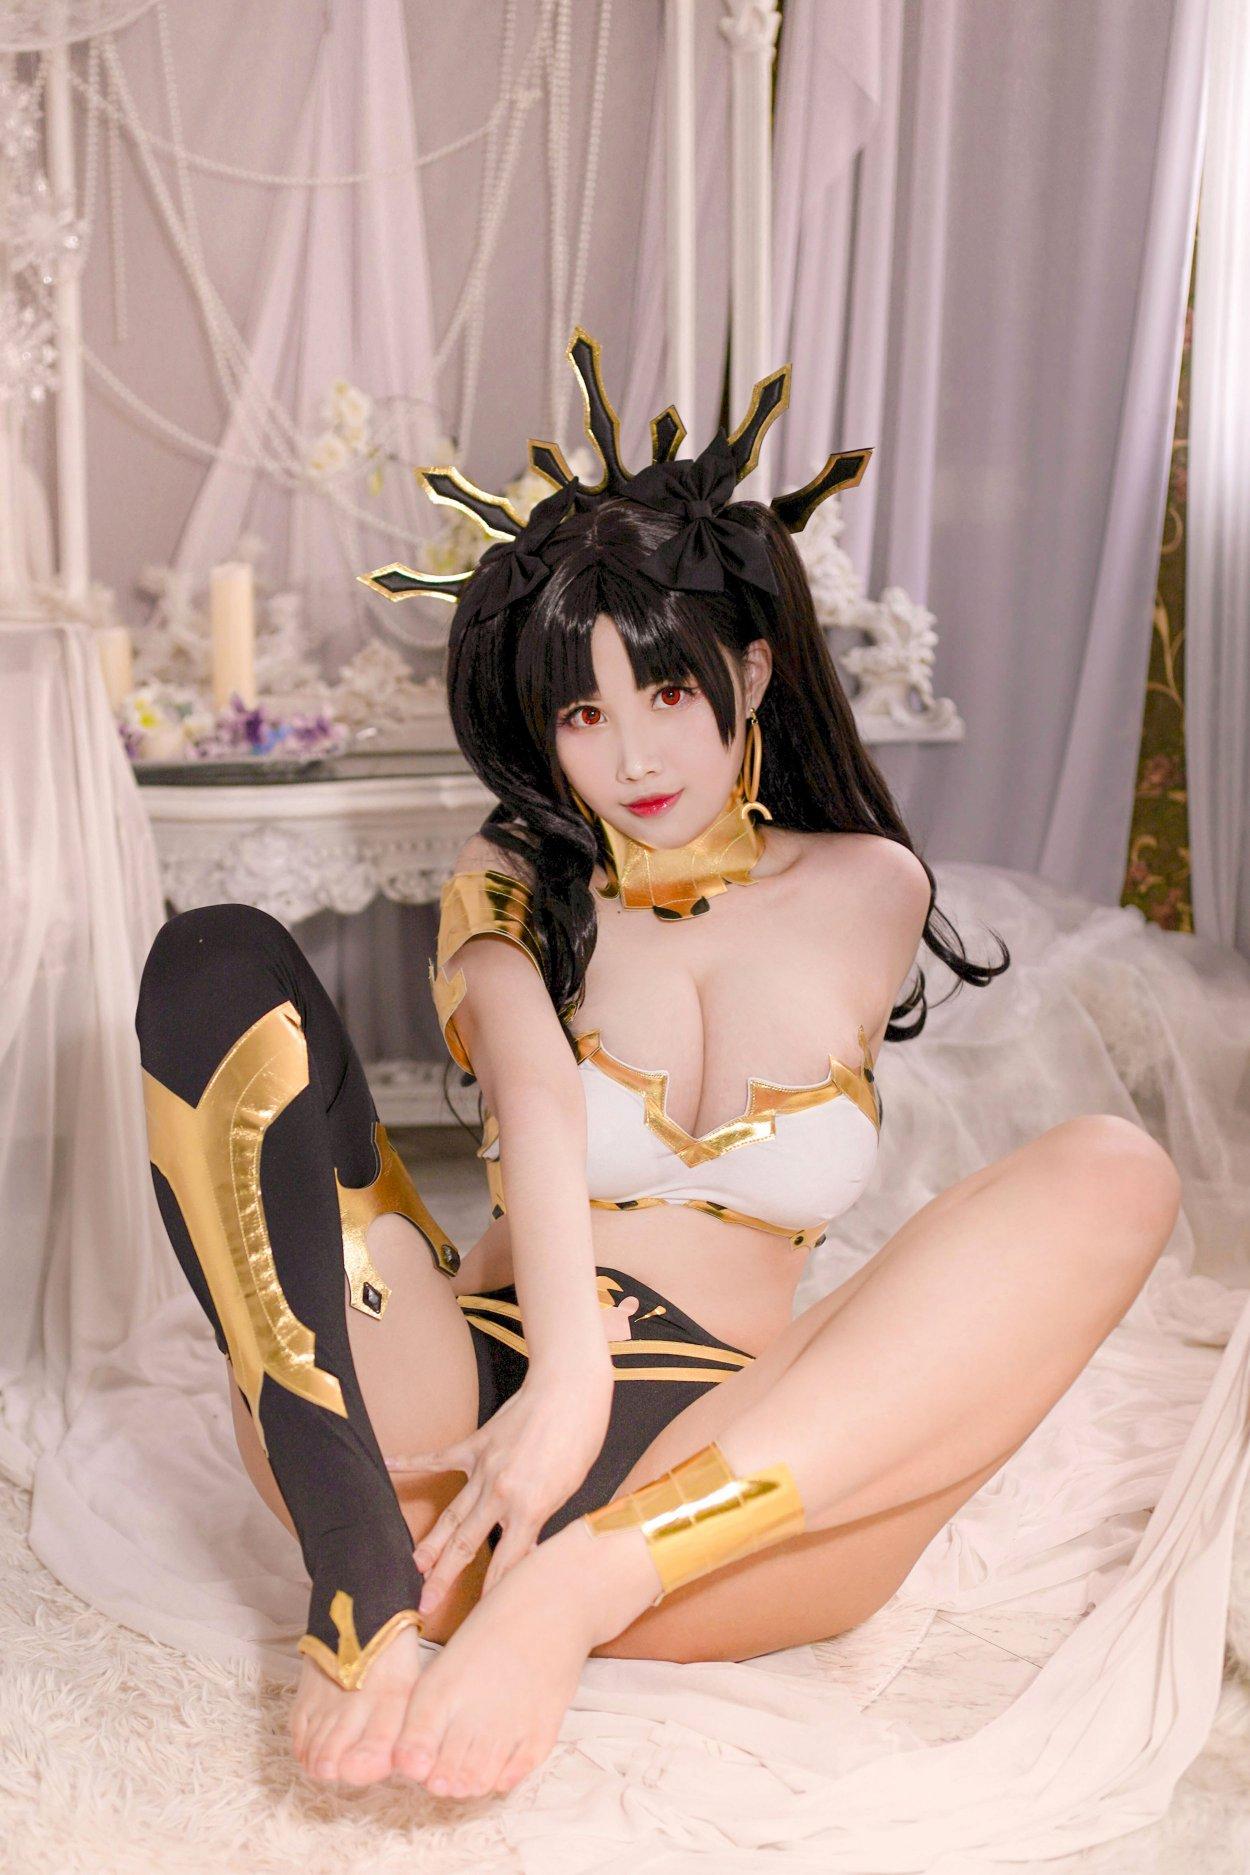 Fate/Grand Order Ishtar Cosplay by Kaya Huang Exudes a Godly Aura